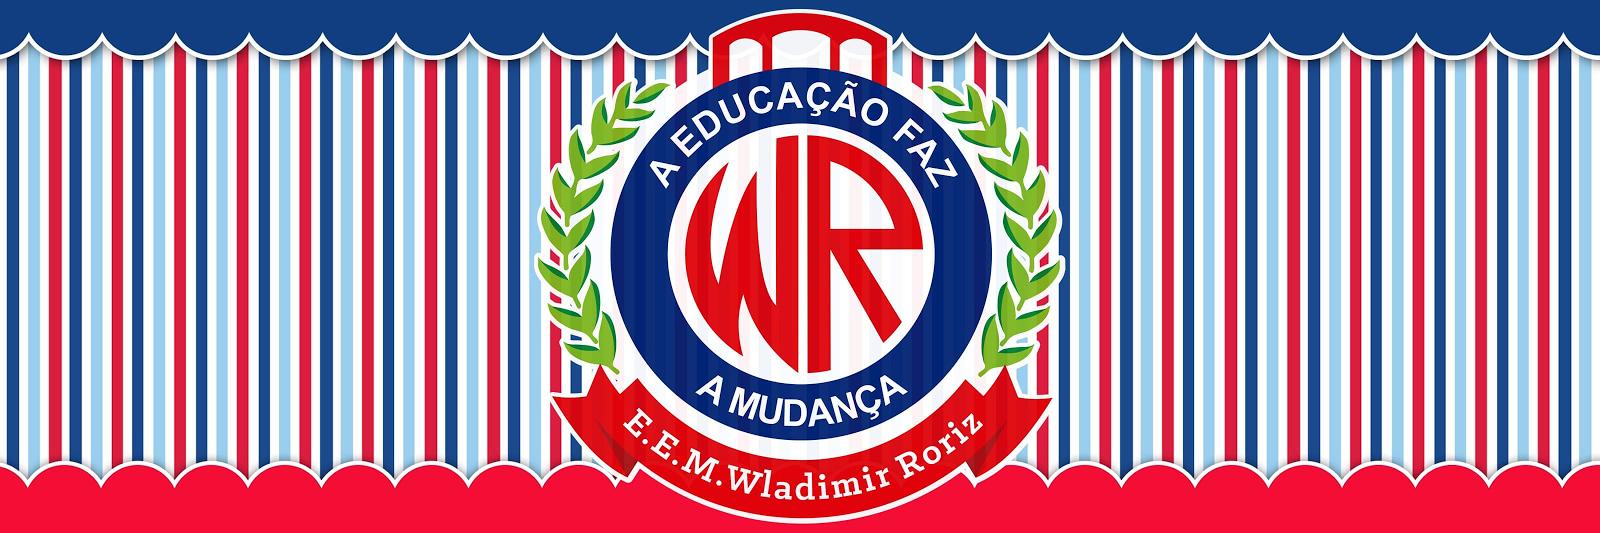 Escola de Ensino Médio Wladimir Roriz